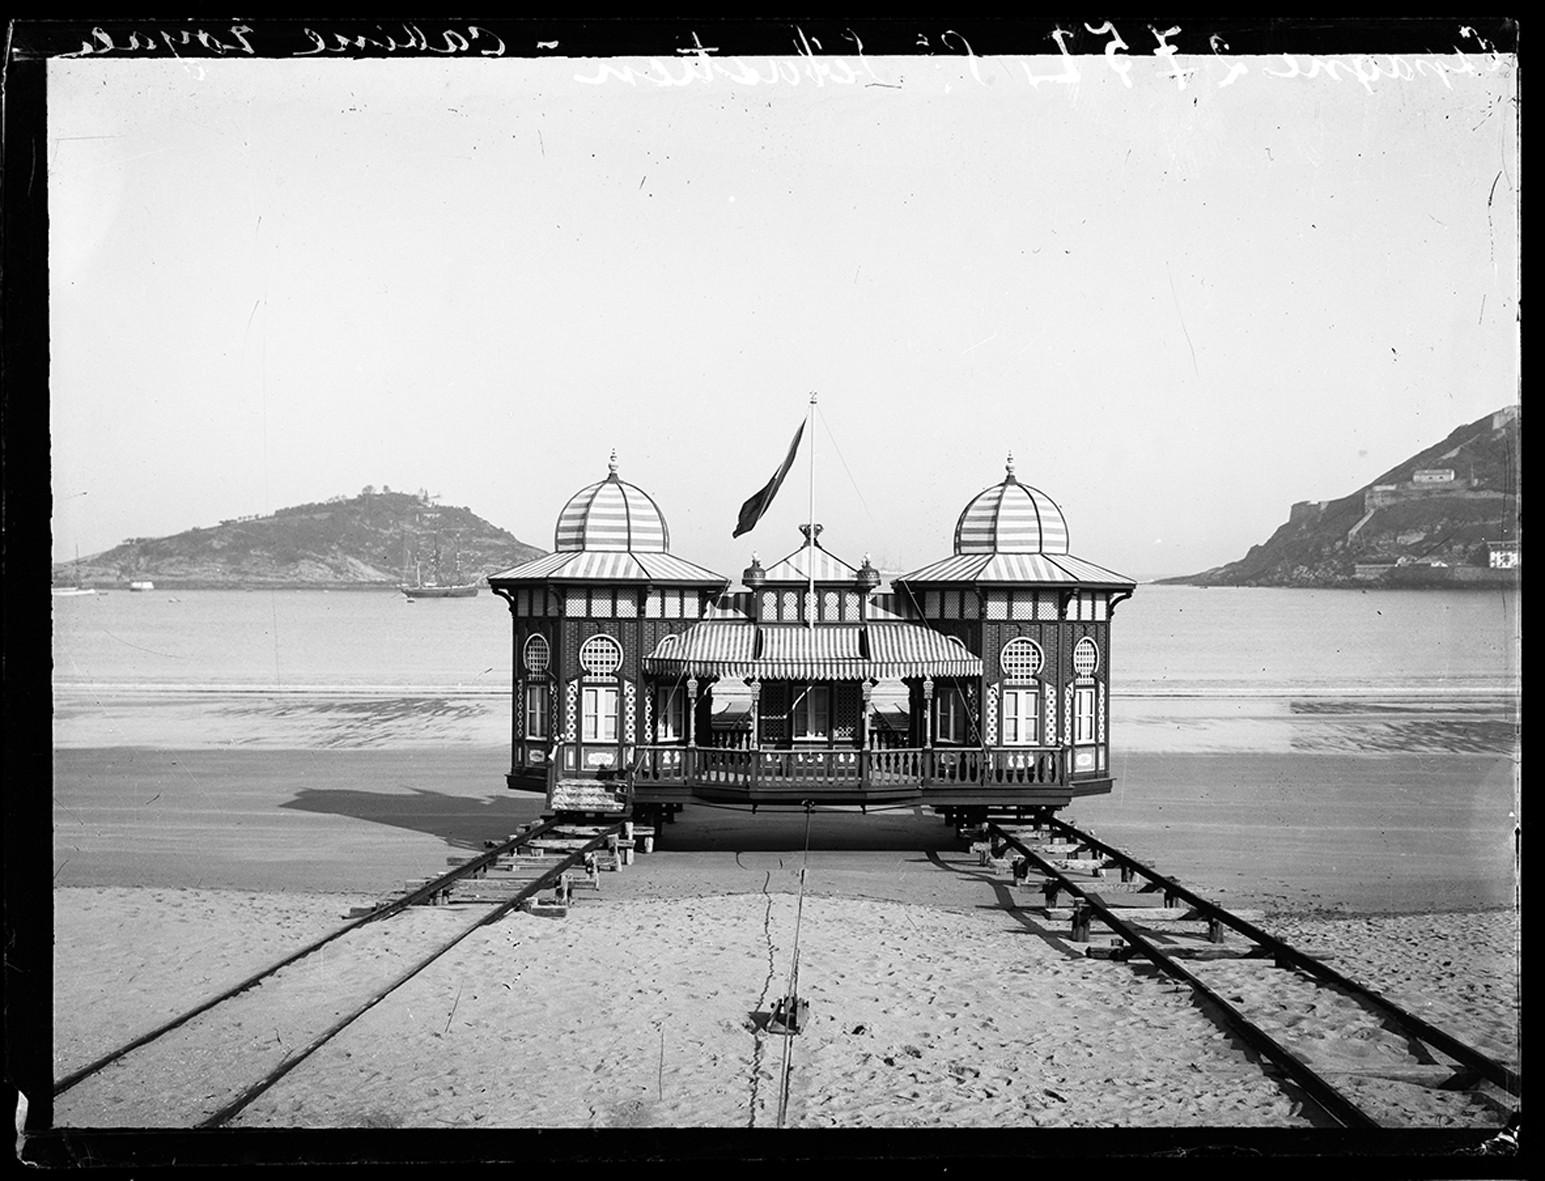 Cabine royale, plage de Saint-Sébastien en 1908. © Georges Eastman Museum